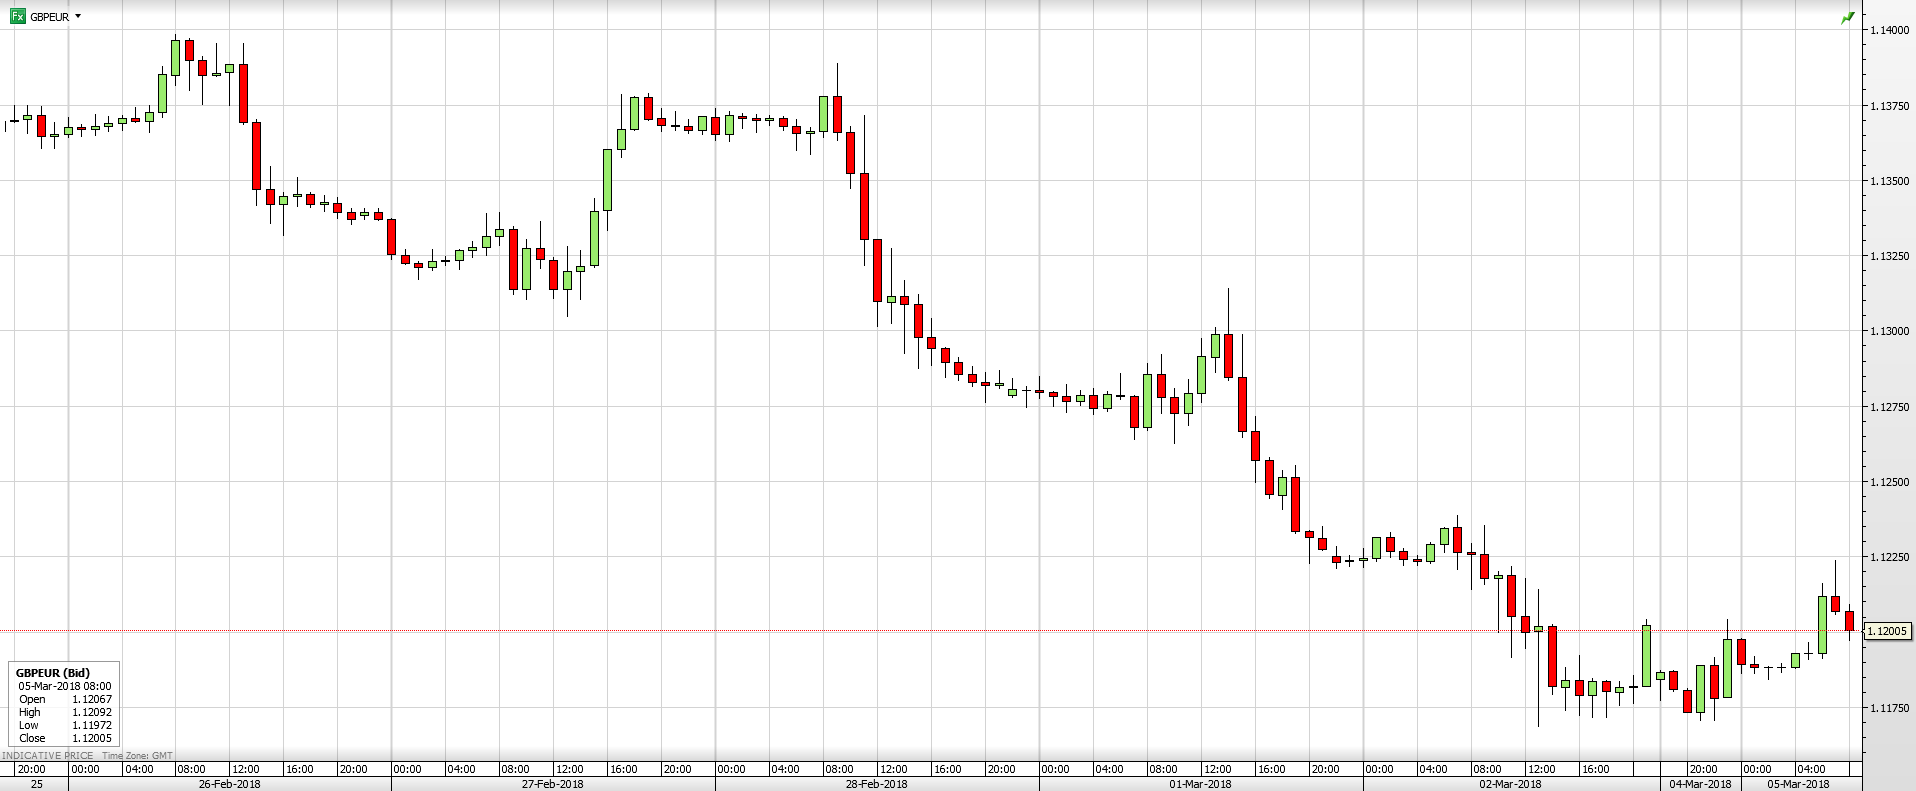 GBP/EUR - 1 Week